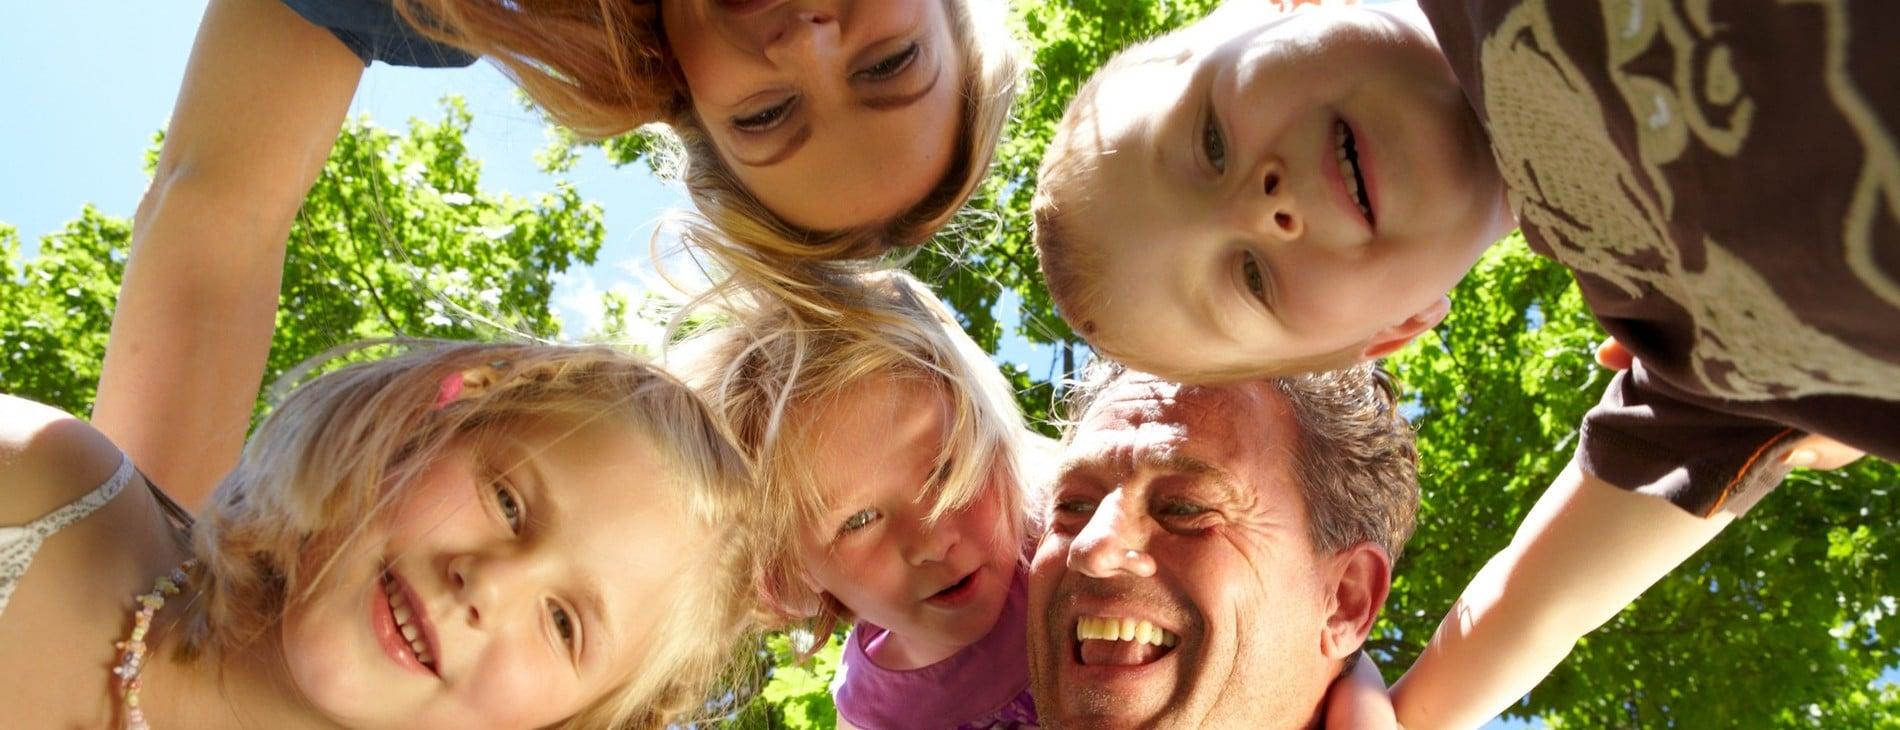 Vacanze estive con la famiglia